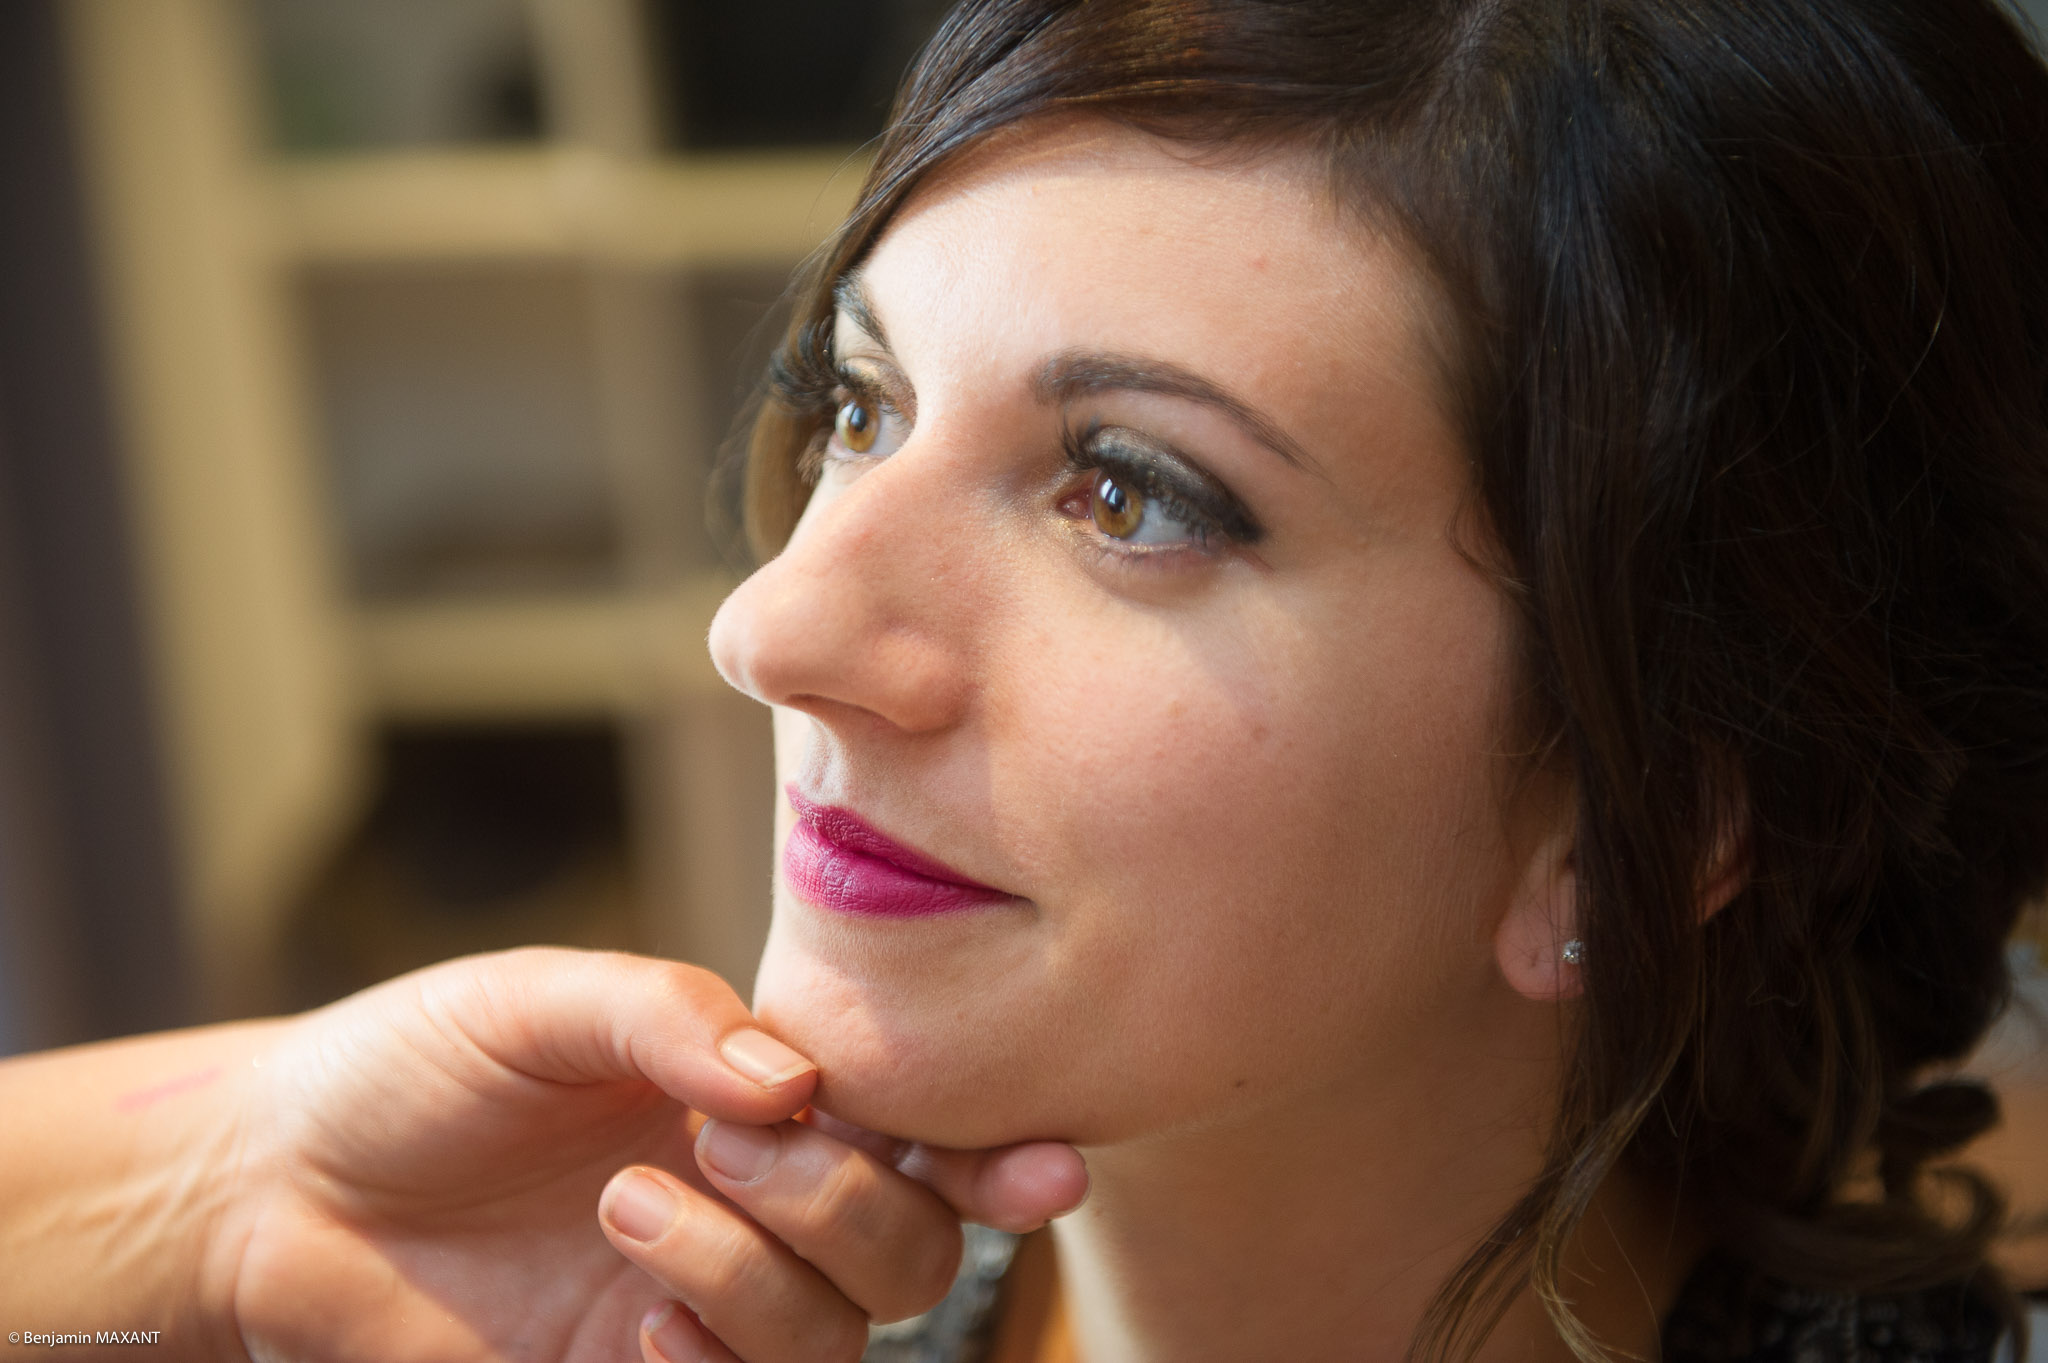 Préparation de Julie la mariée : vérification du rouge à lèvre